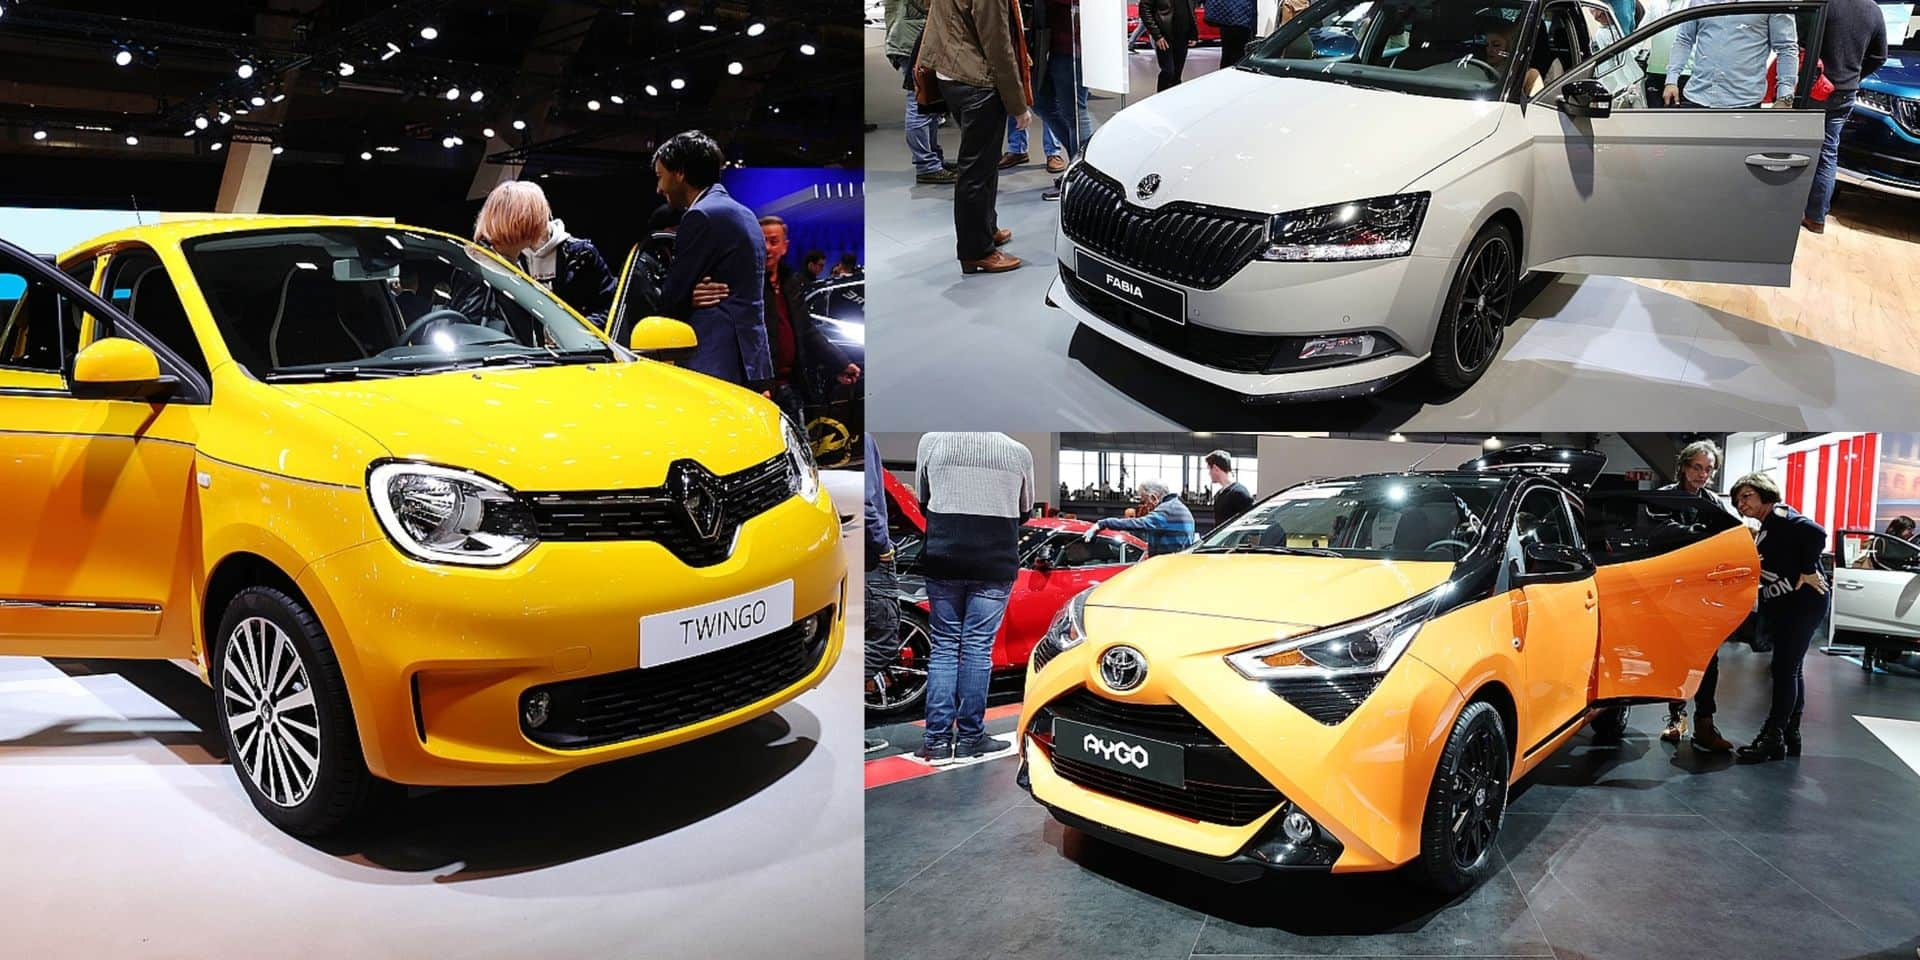 Quelles sont les voitures du Salon de l'Auto à moins de 10.000 € ?